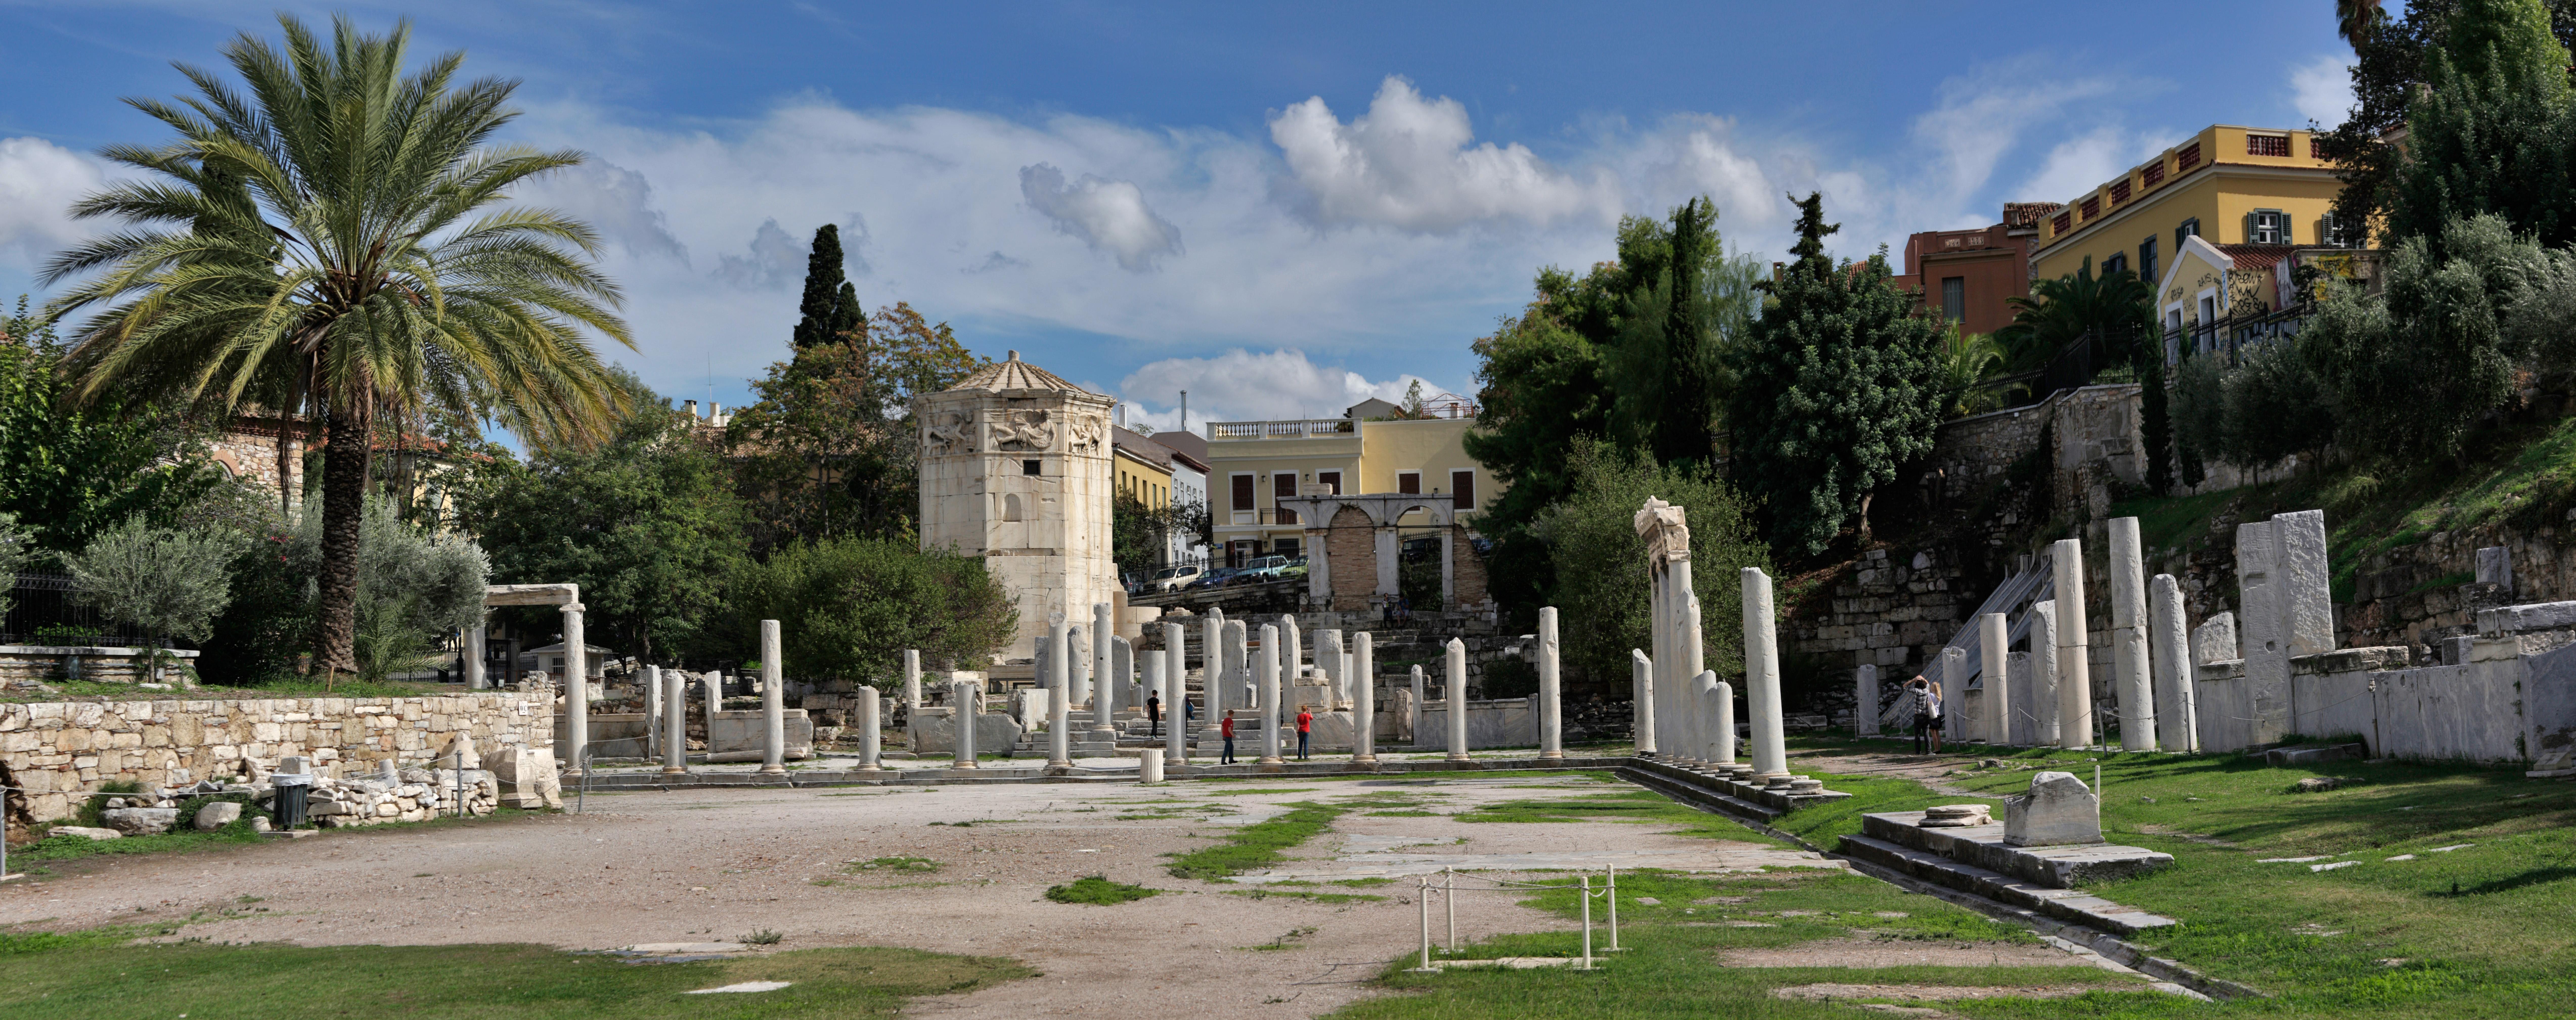 File:Athens Roman Agora.jpg - Wikipedia